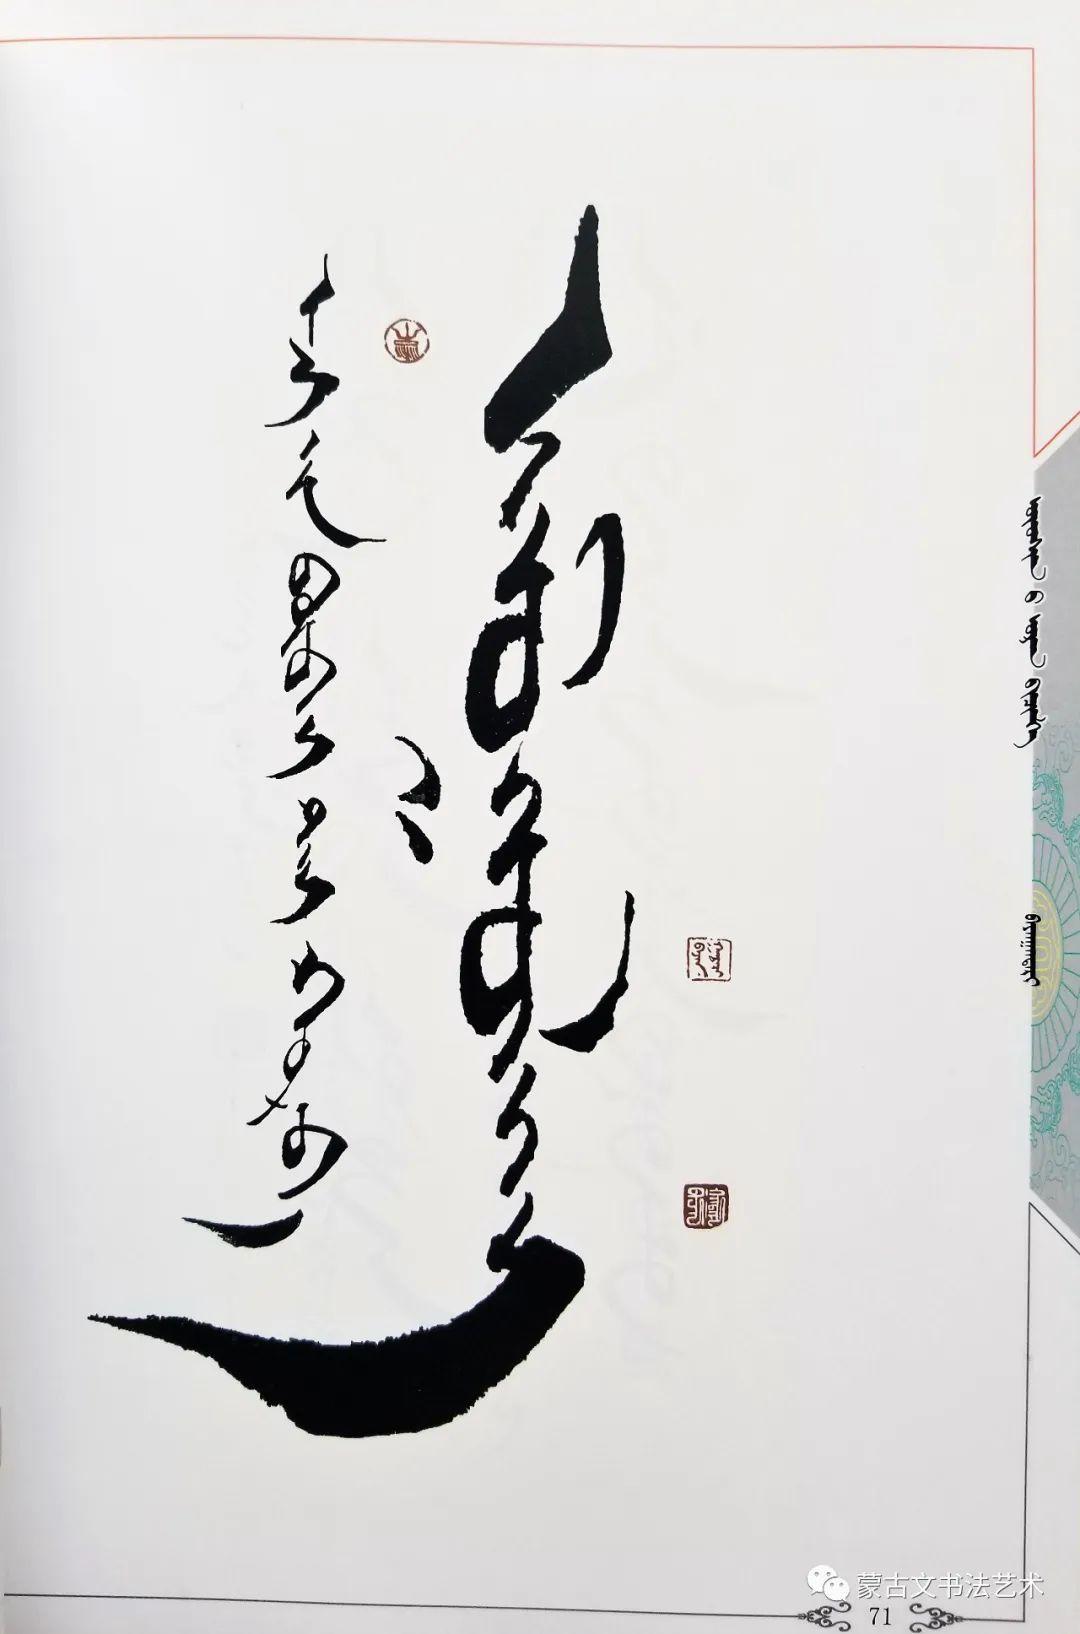 阿拉腾毕力格《乌审旗书法与篆刻精选》 第17张